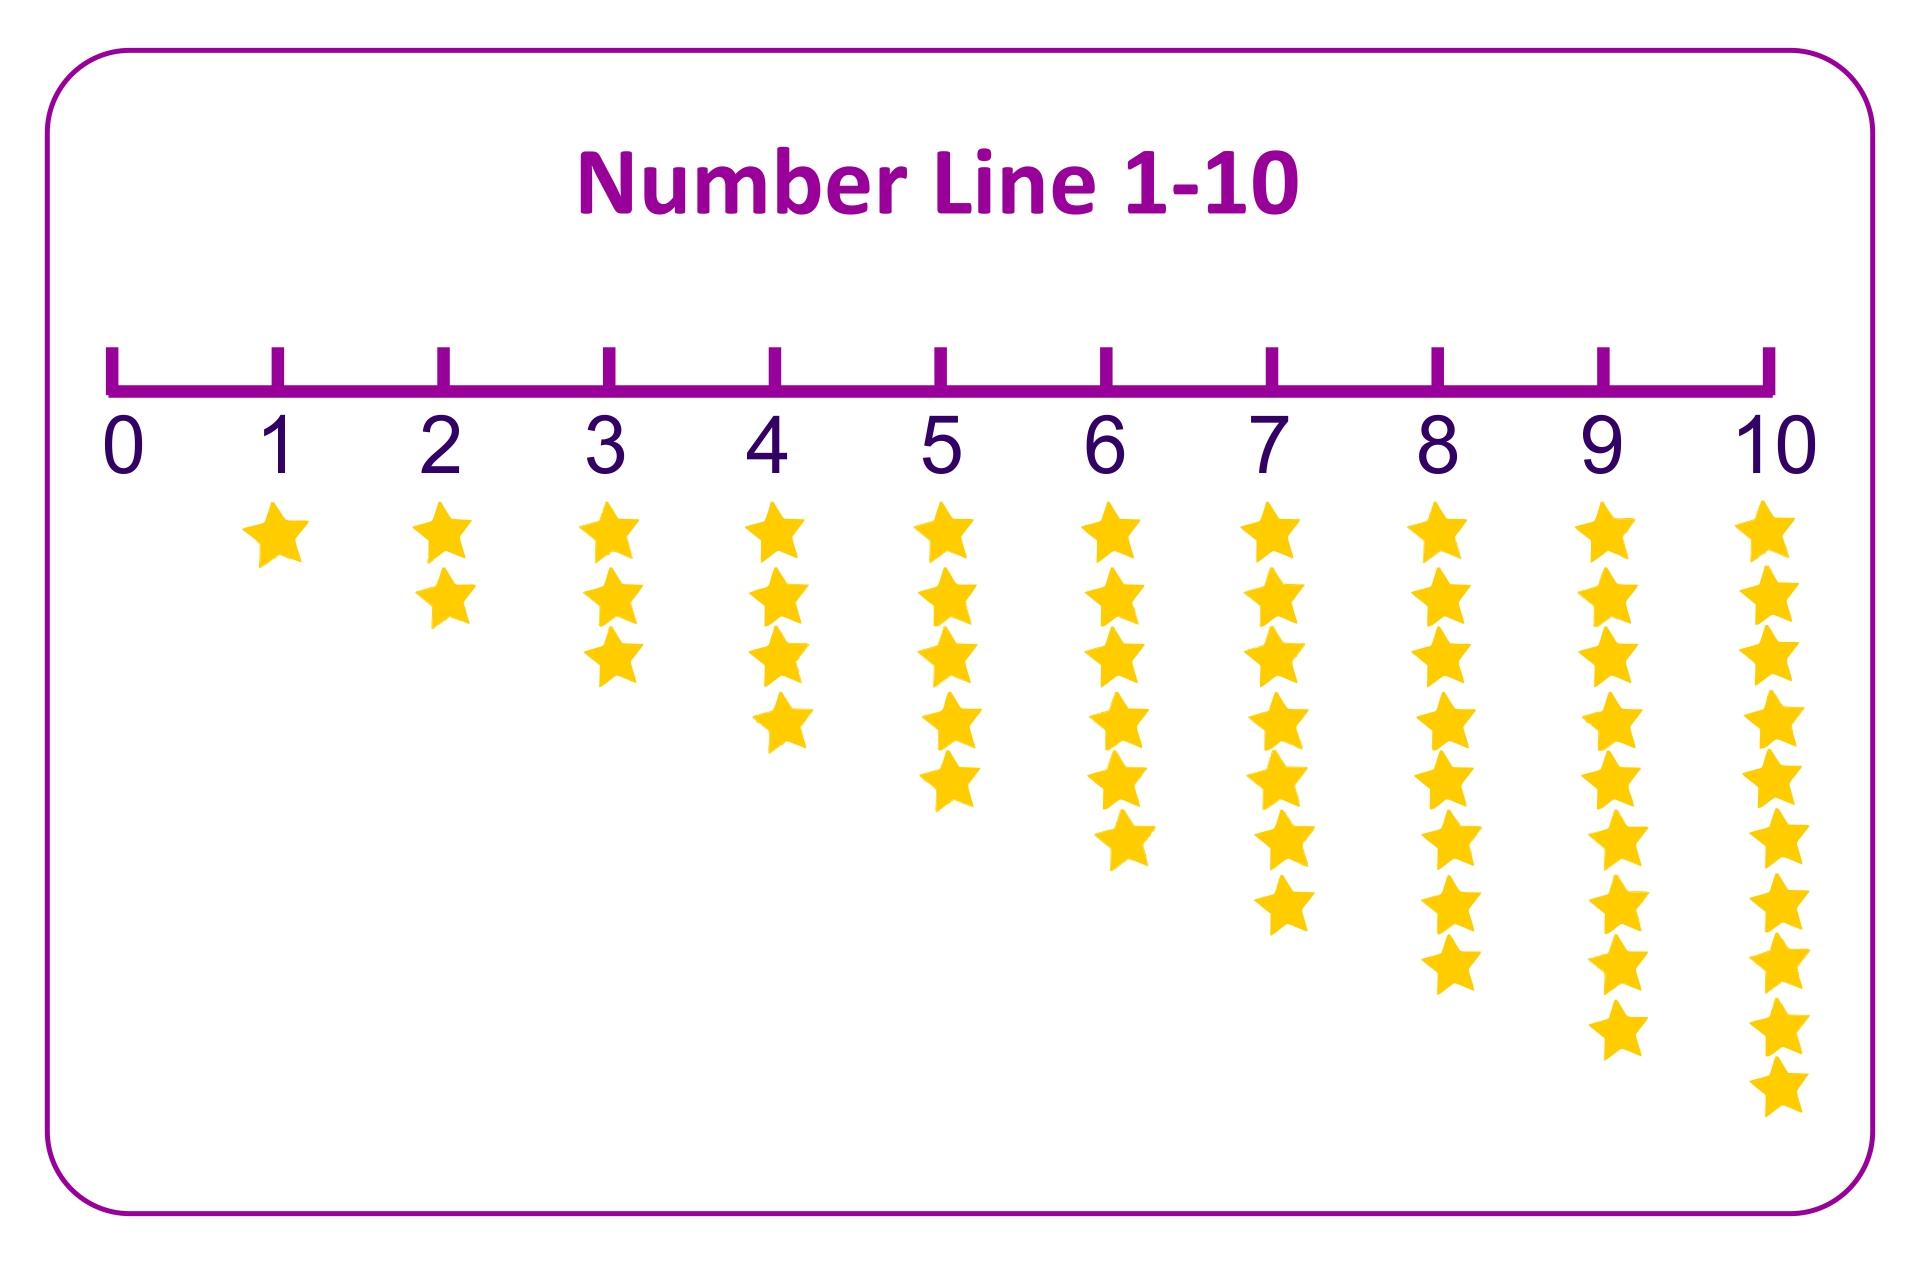 Number Line 1-10